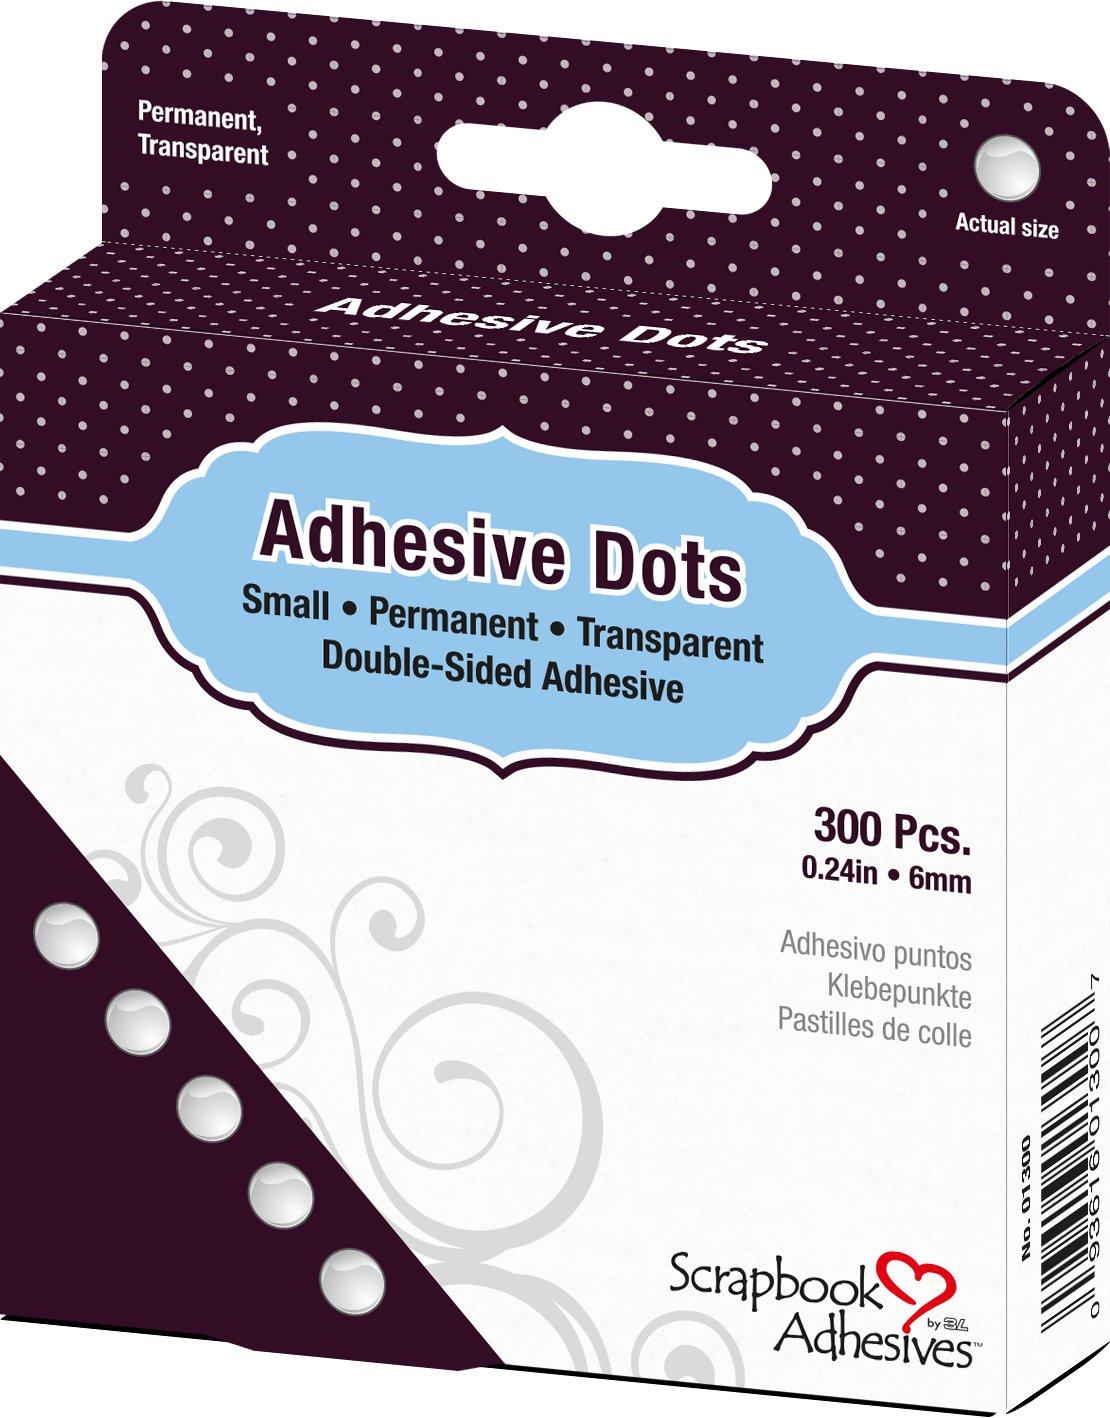 3L Adhesive Dots